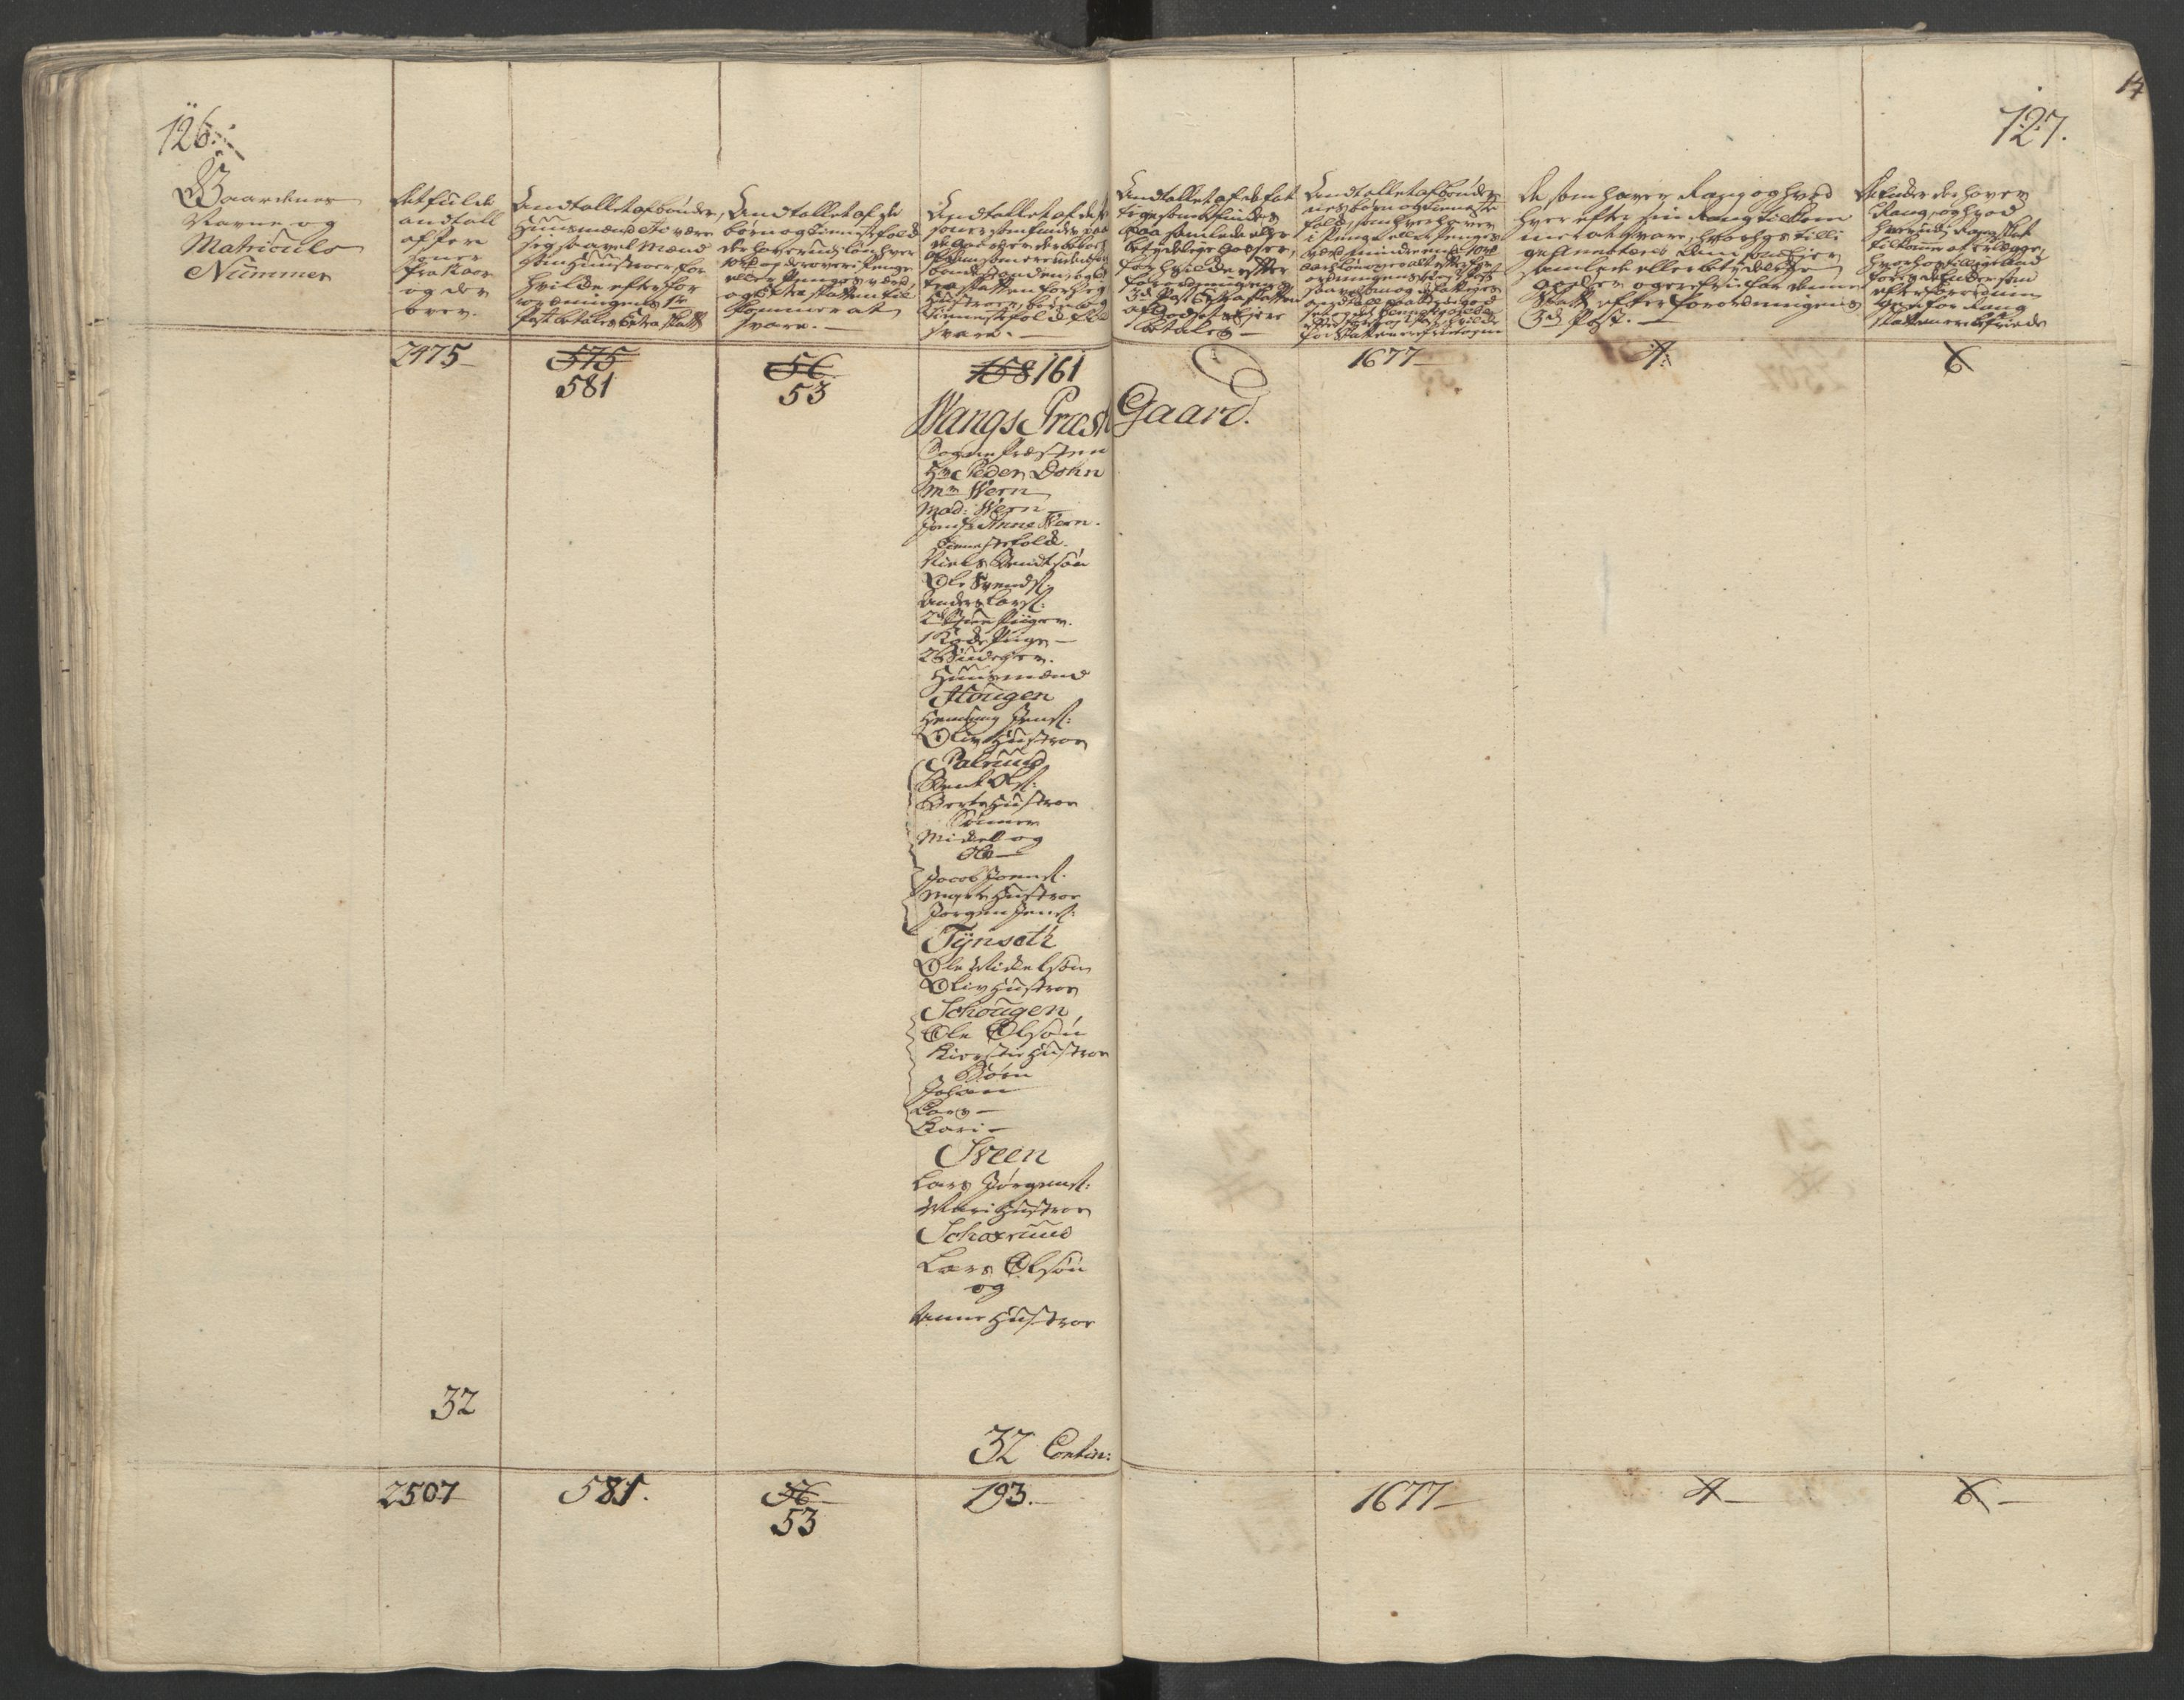 RA, Rentekammeret inntil 1814, Reviderte regnskaper, Fogderegnskap, R16/L1148: Ekstraskatten Hedmark, 1764, p. 180